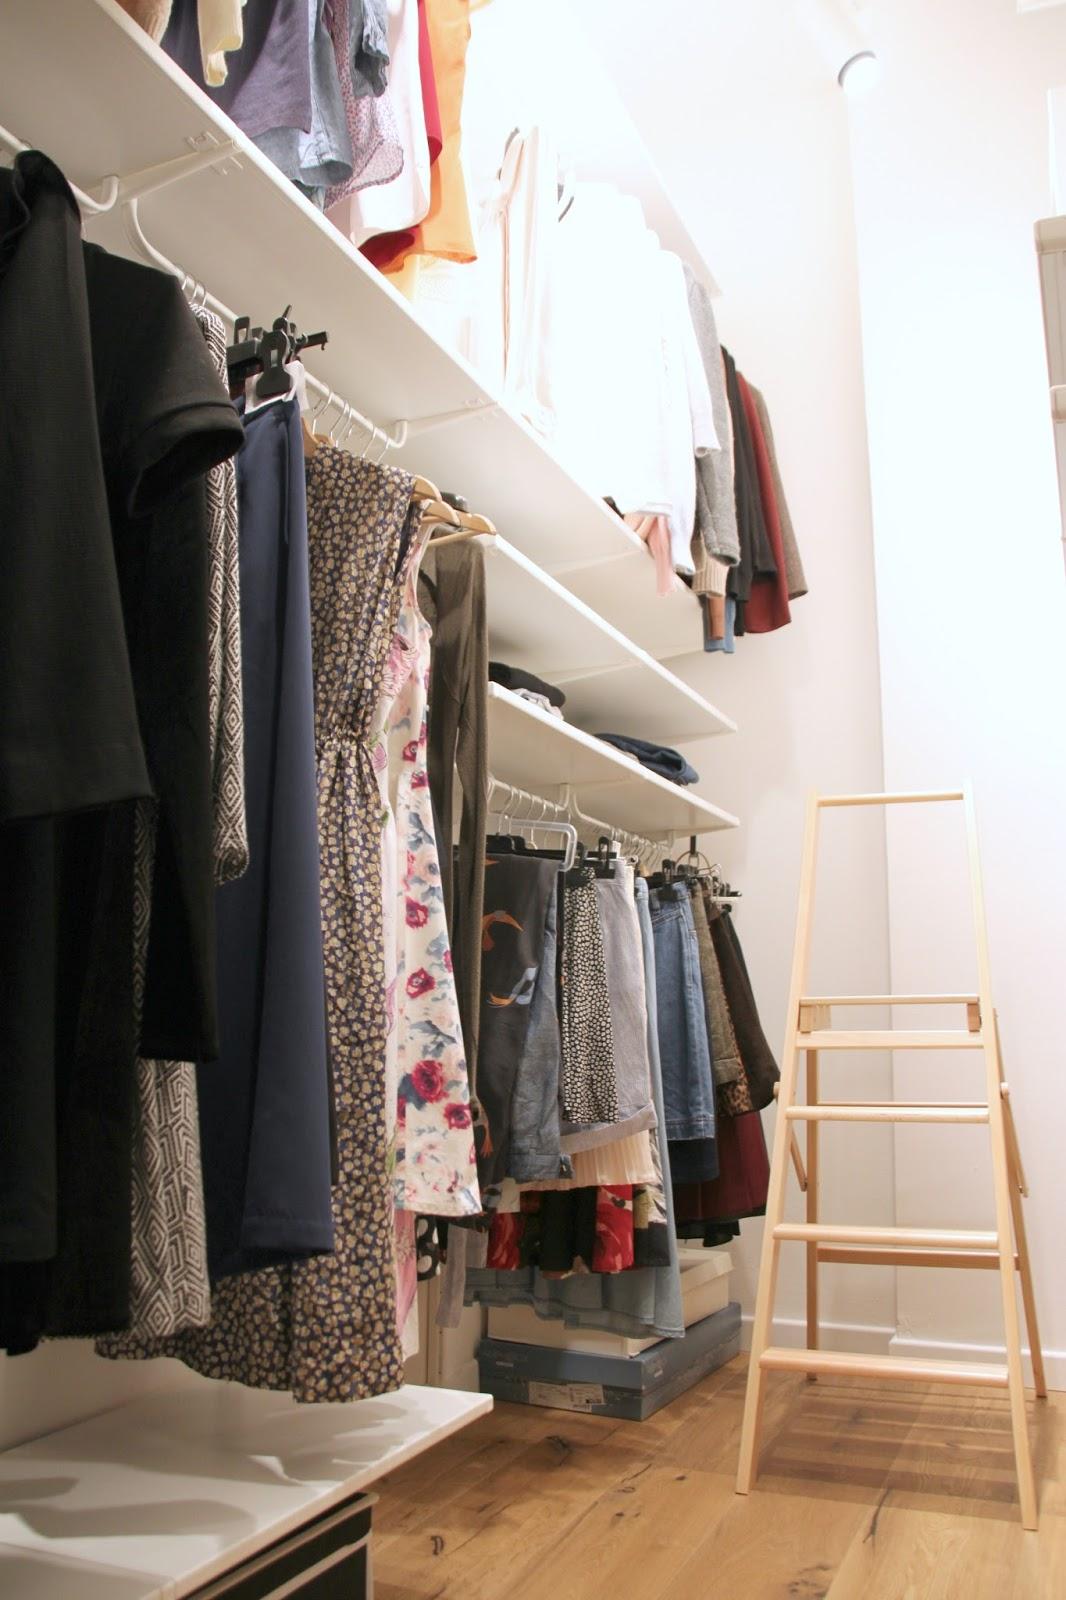 Cabina armadio piccolo spazio ben organizzato alessia for Piccolo costruttore di cabina